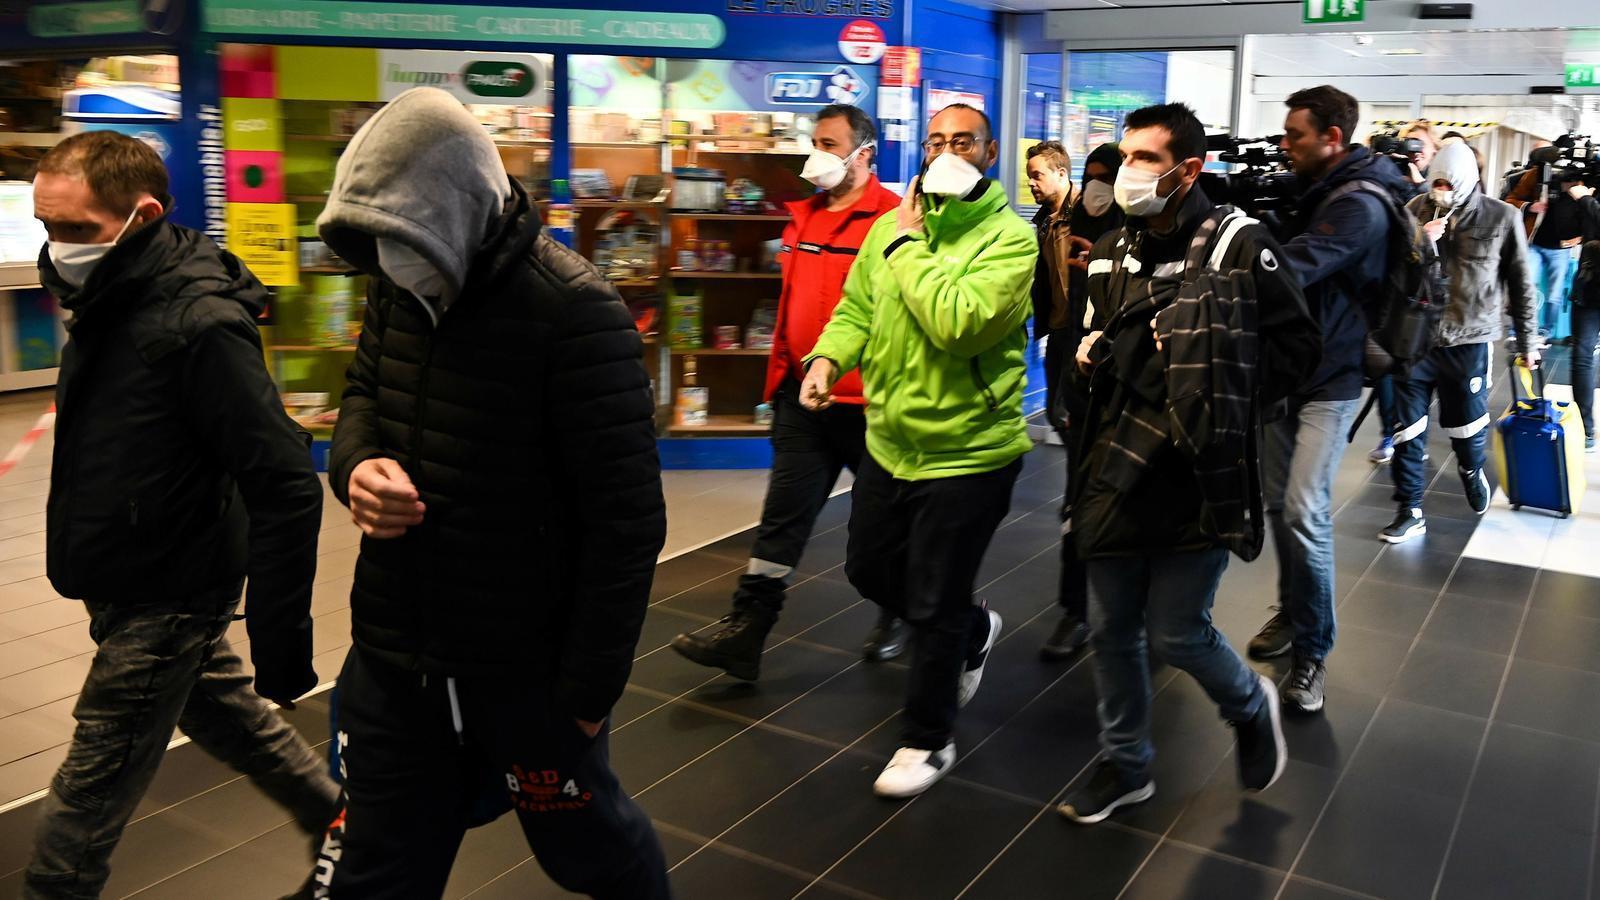 Ja hi ha més contagis diaris fora de la Xina que dins, diu l'OMS